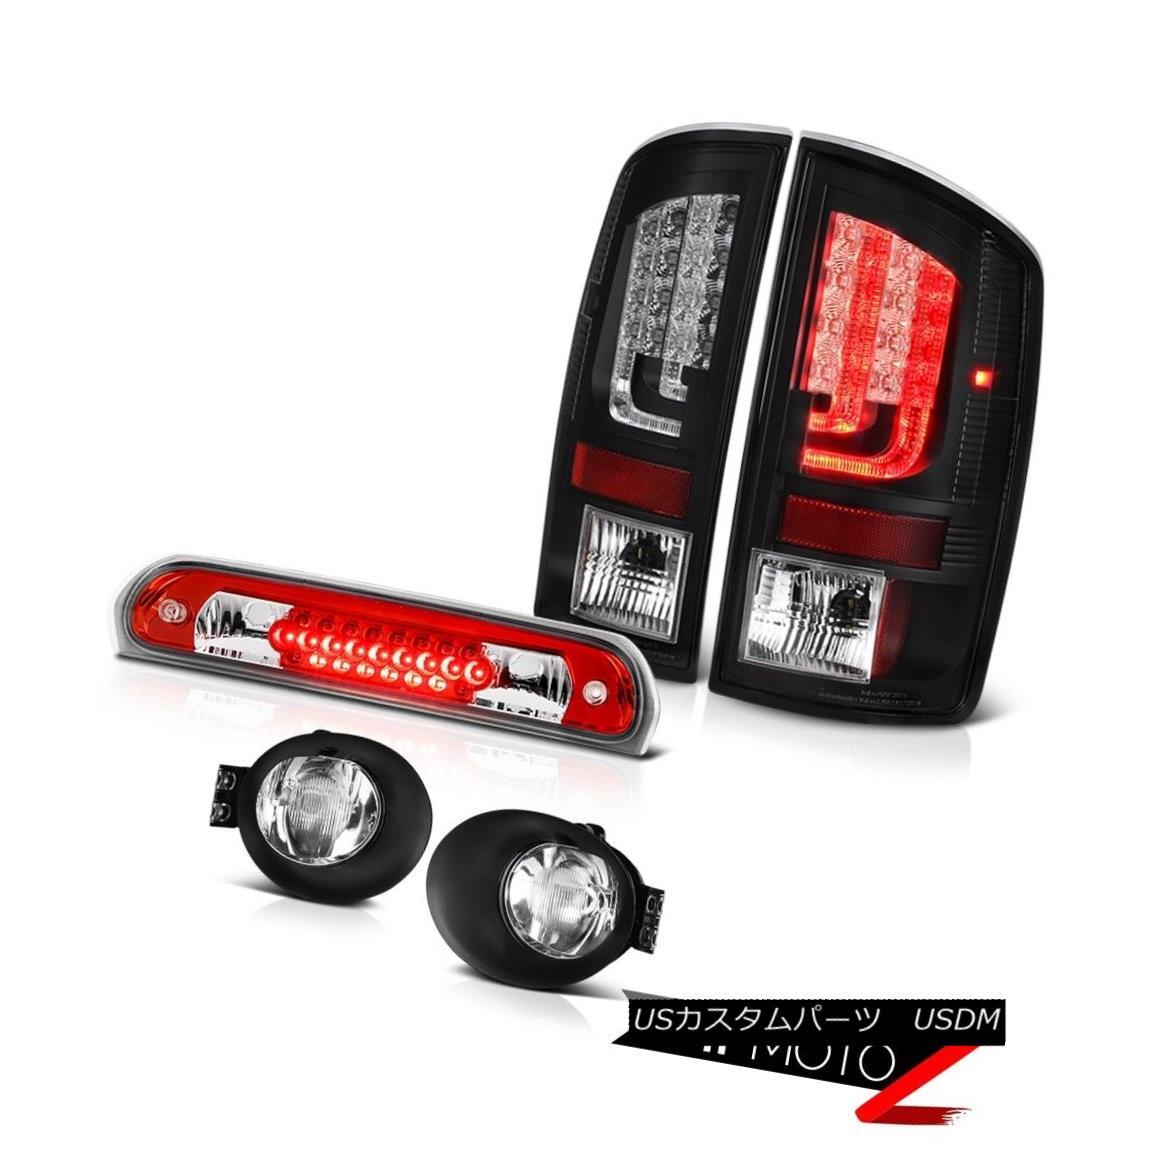 テールライト 02-06 Ram 1500 2500 3500 5.7L Rear Brake Lamps Fog Red High STop Lamp OLED Prism 02-06 Ram 1500 2500 3500 5.7LリアブレーキランプフォグレッドハイSTopランプOLEDプリズム